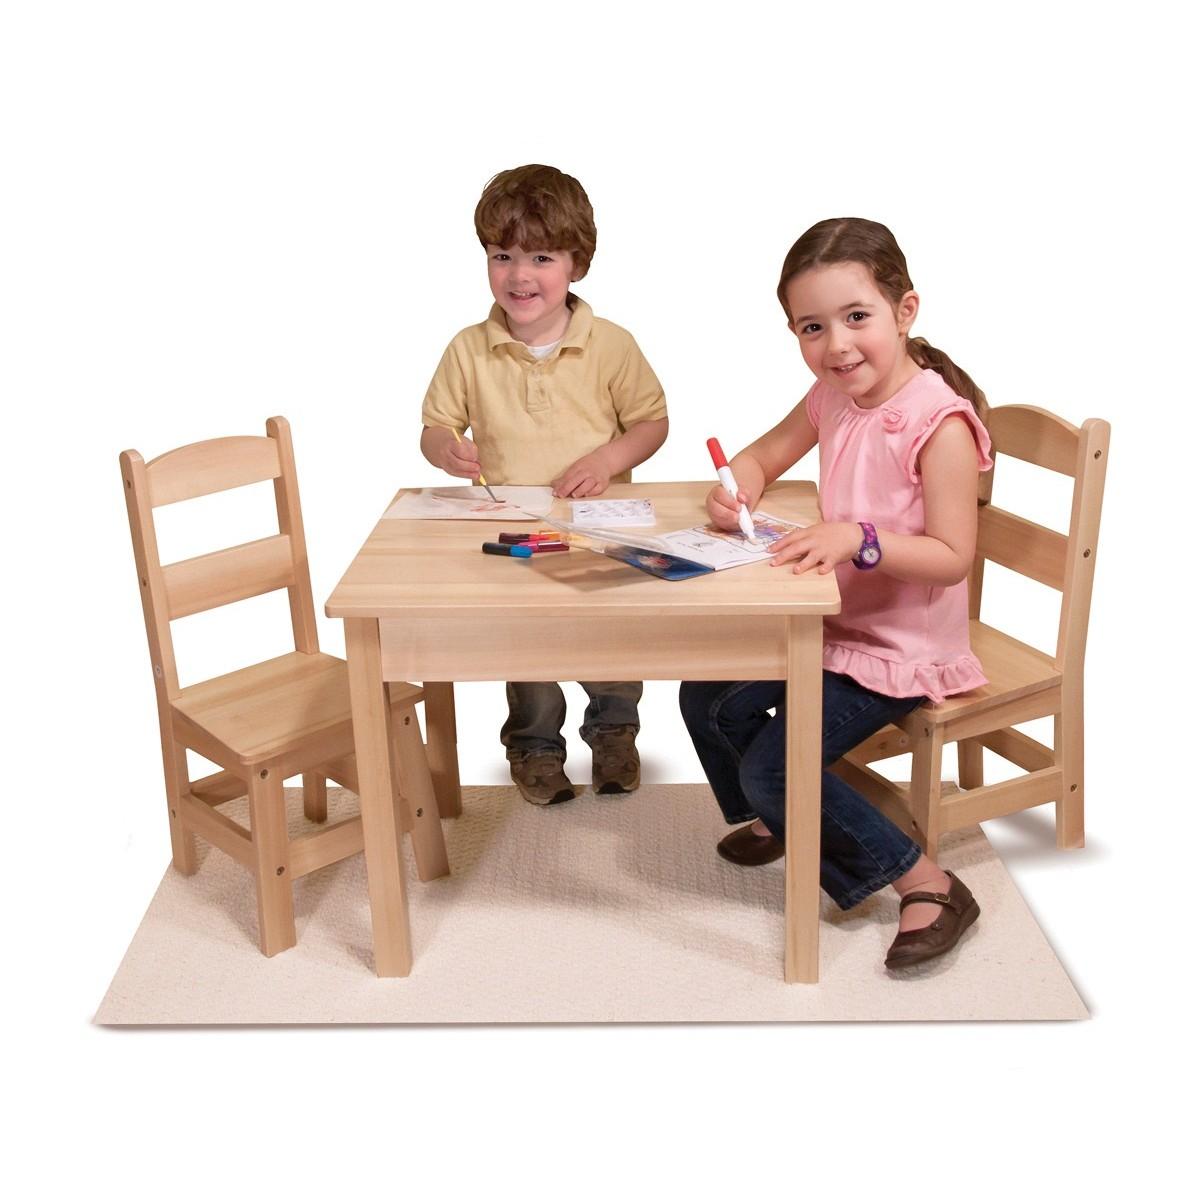 طقم طاولة و 2 كرسي خشب طبيعي